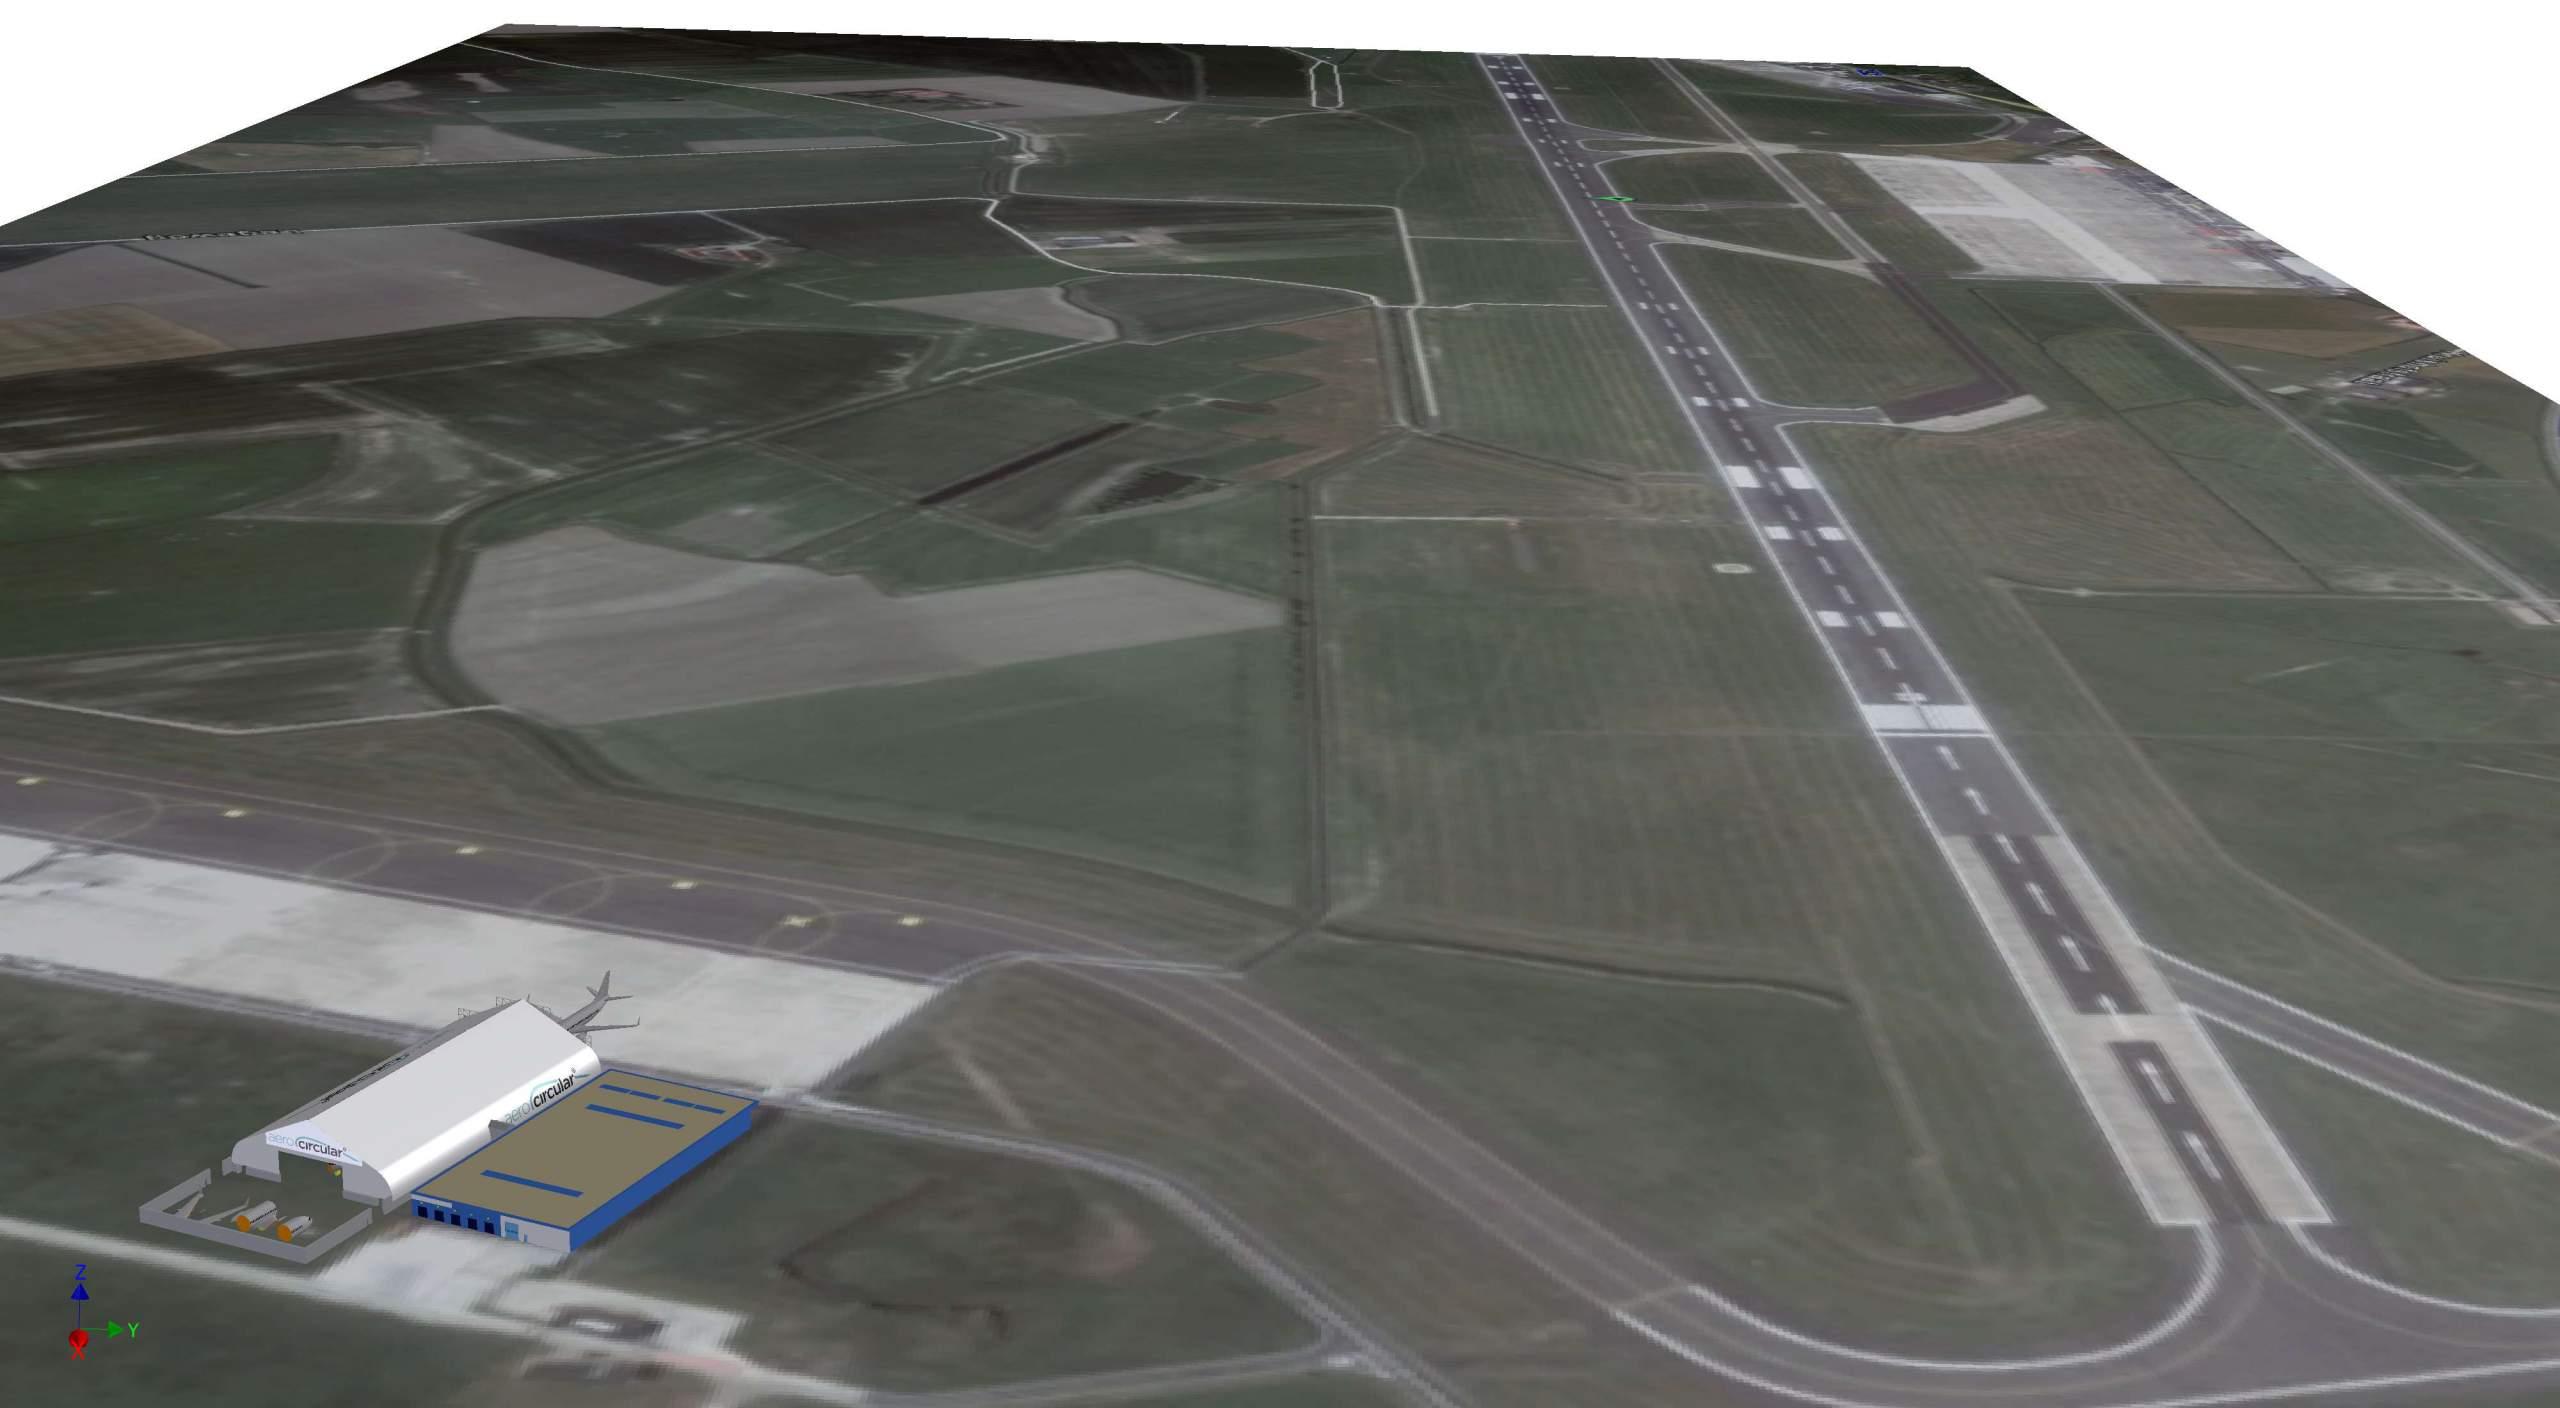 Hangar_googlemaps_Ostend